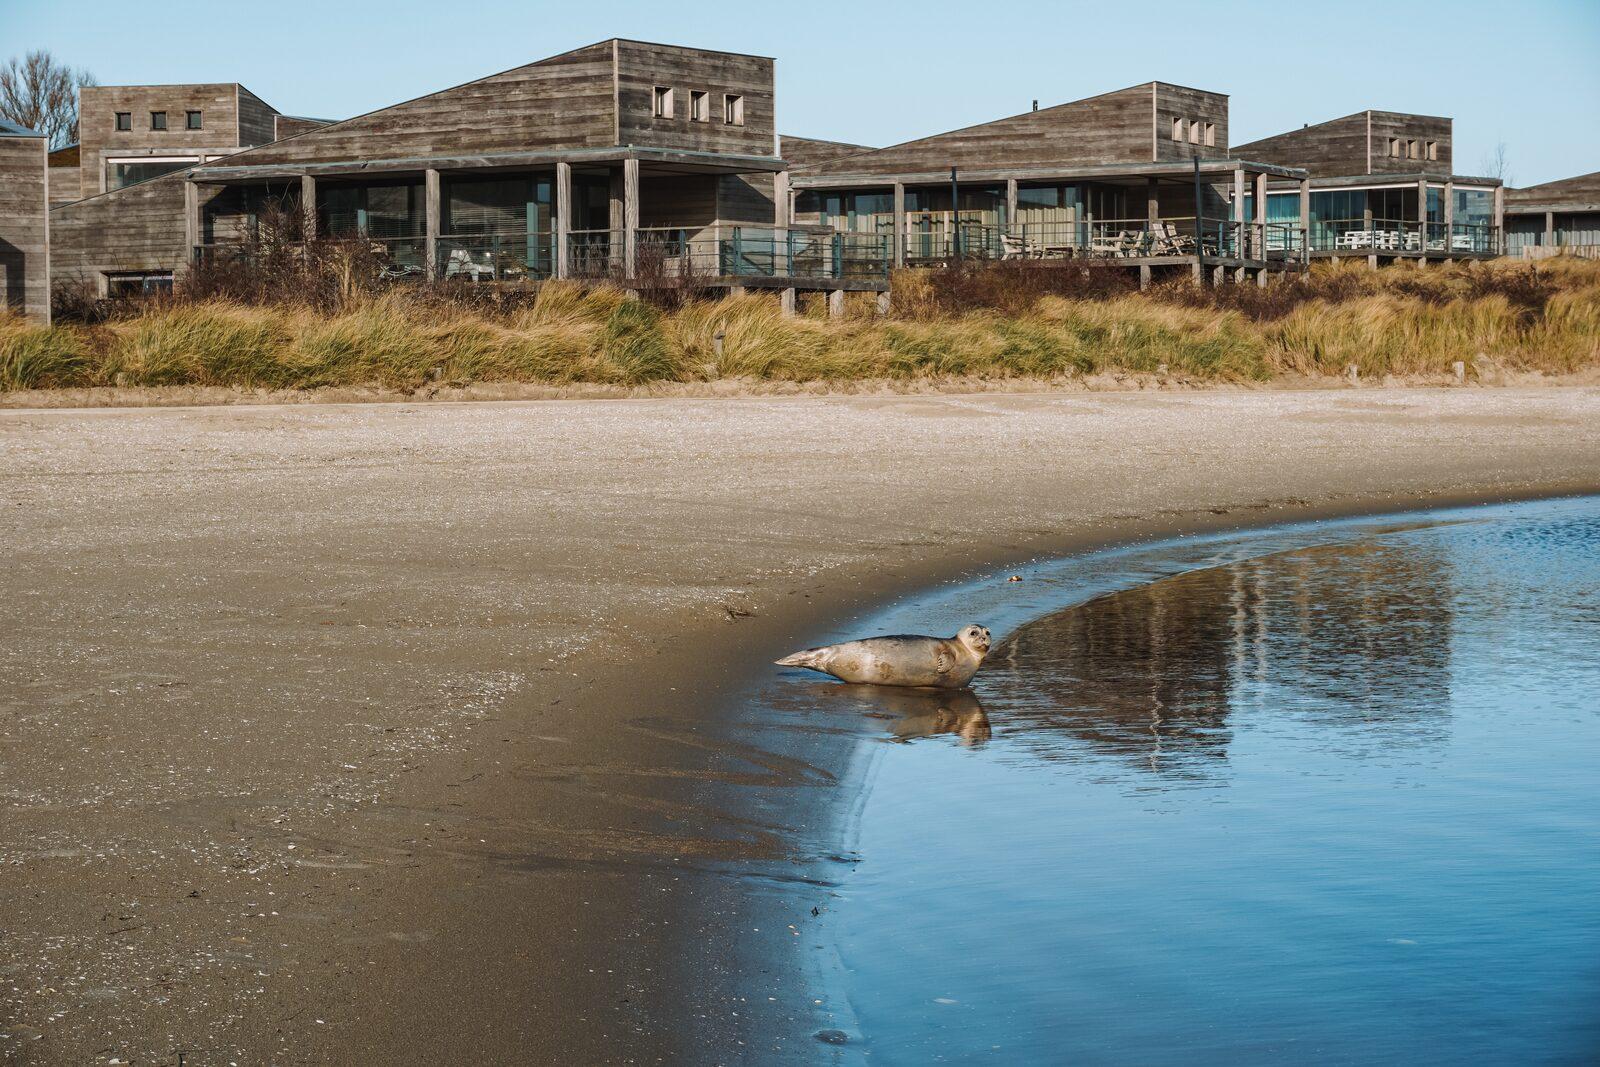 Zeehond strand Grevelingen | Reisverhaal van Daan